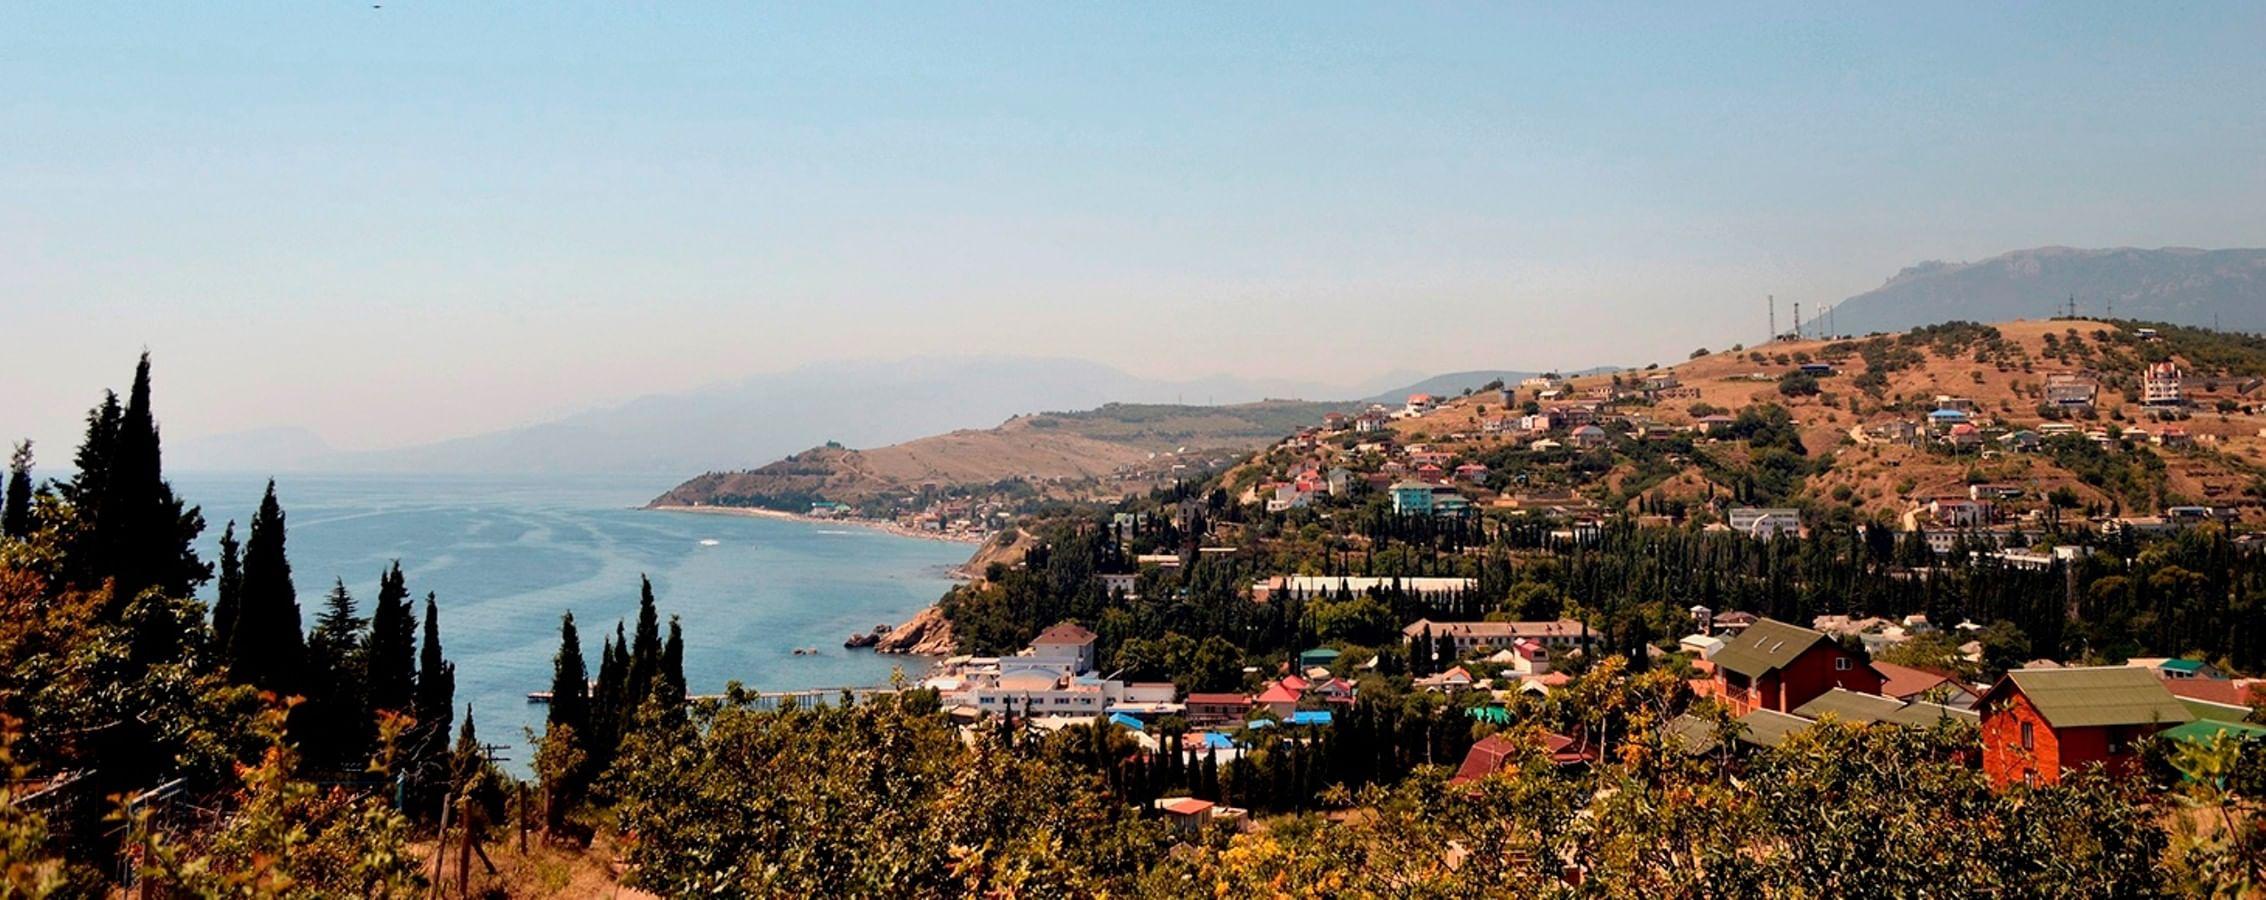 Южный Крым: Алушта